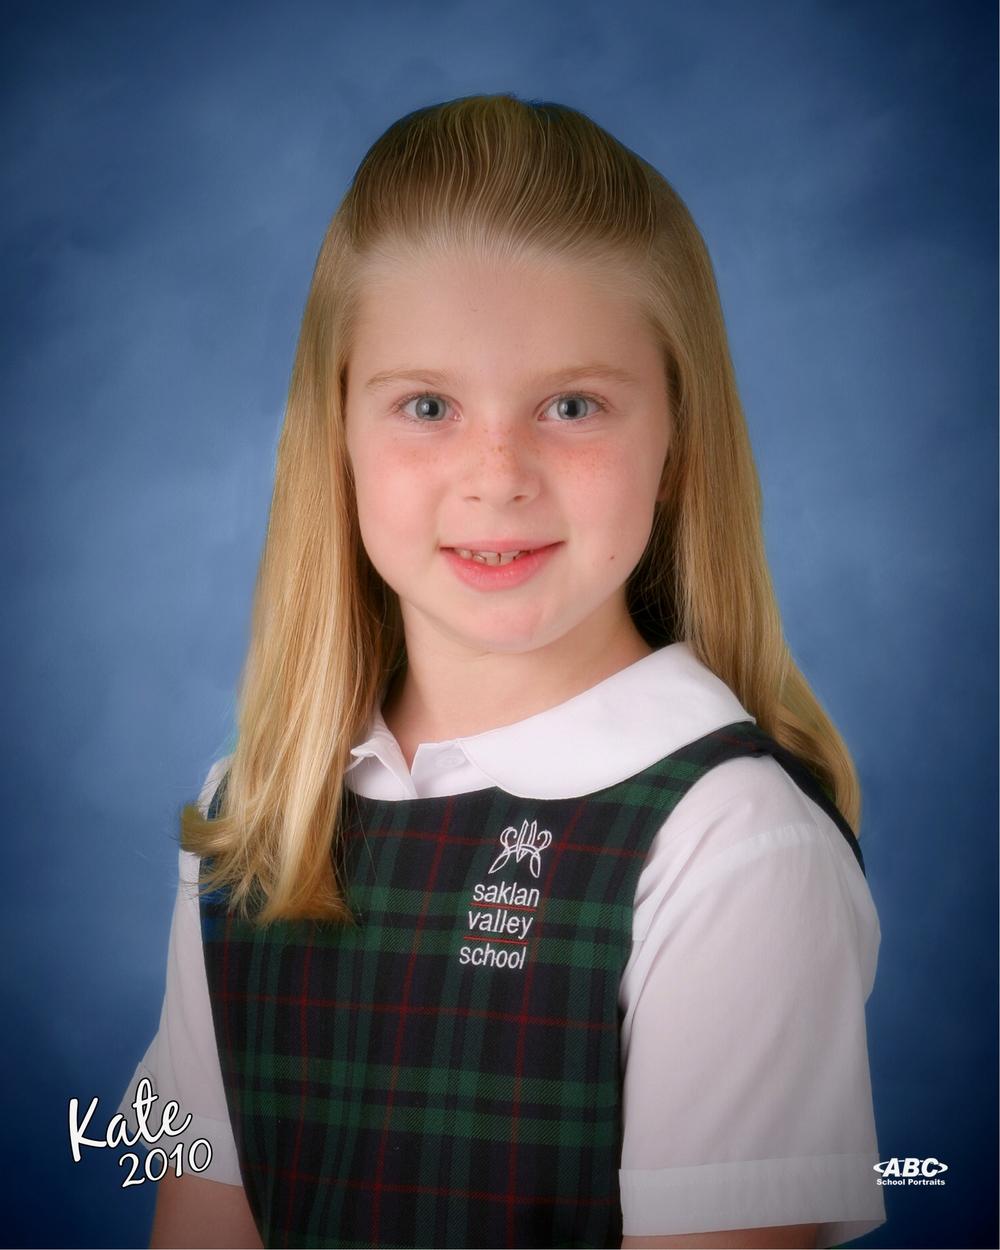 00130 - Skwarecki-Kate-00206.jpg - 001.jpg